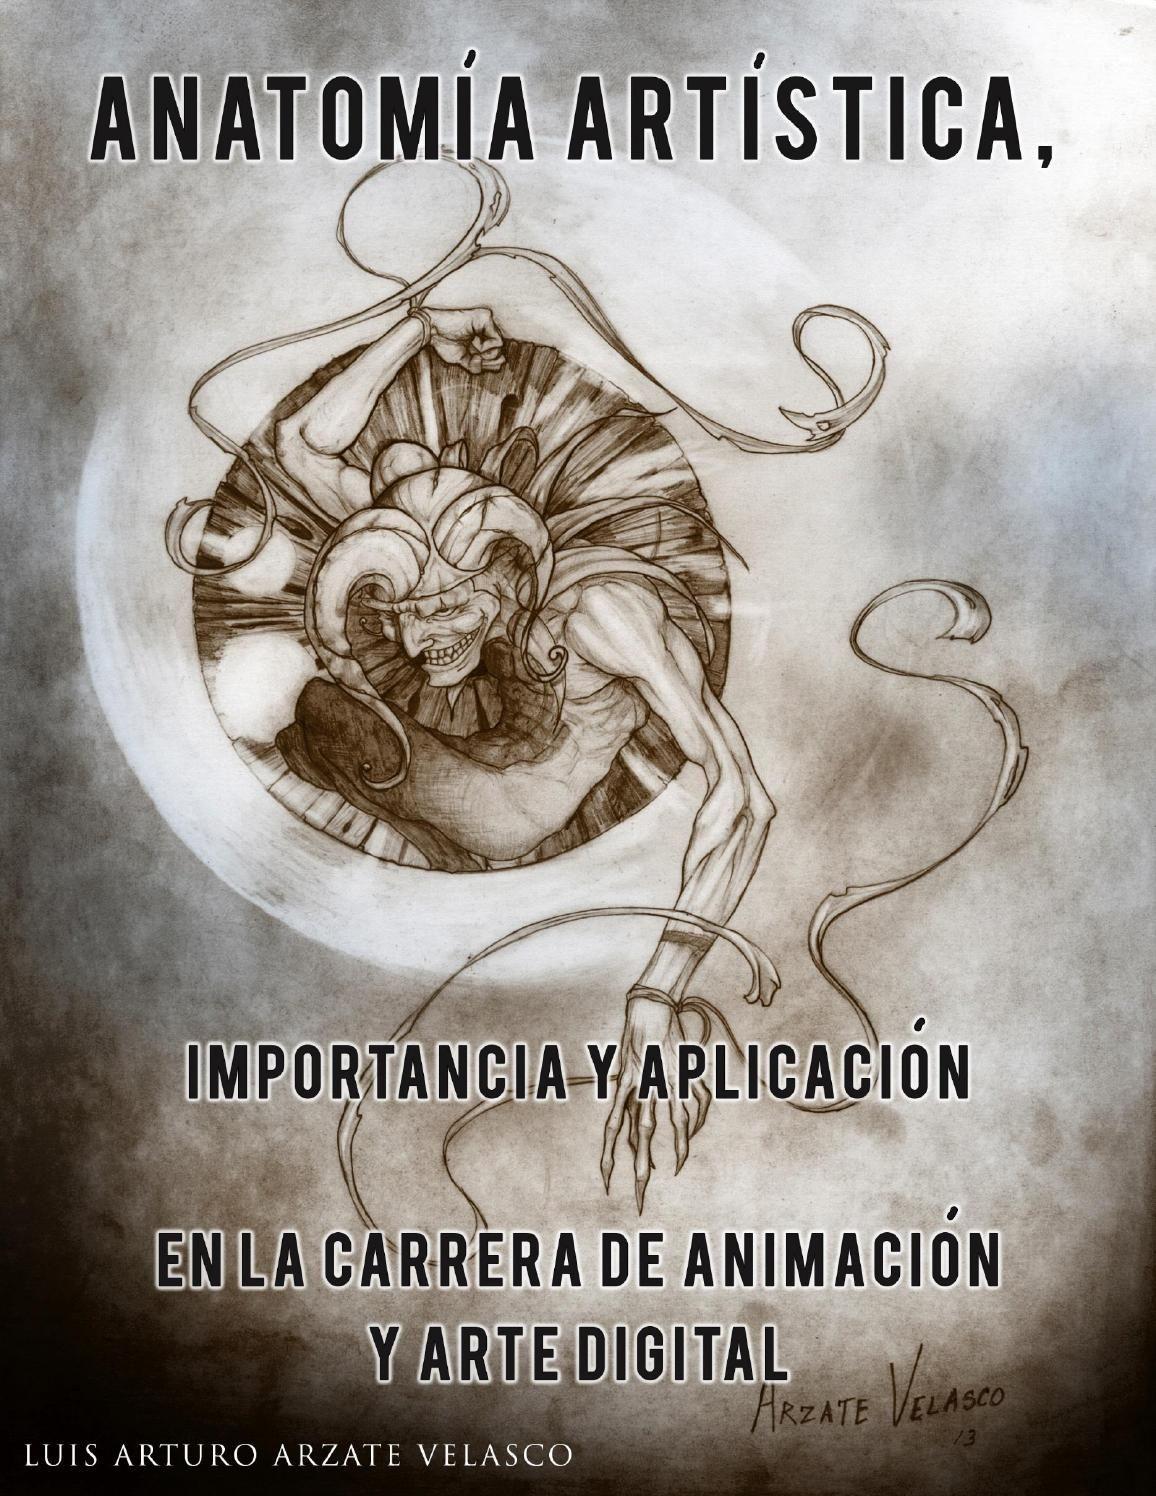 Anatomia artistica importancia y aplicacion | Anatomía artística ...